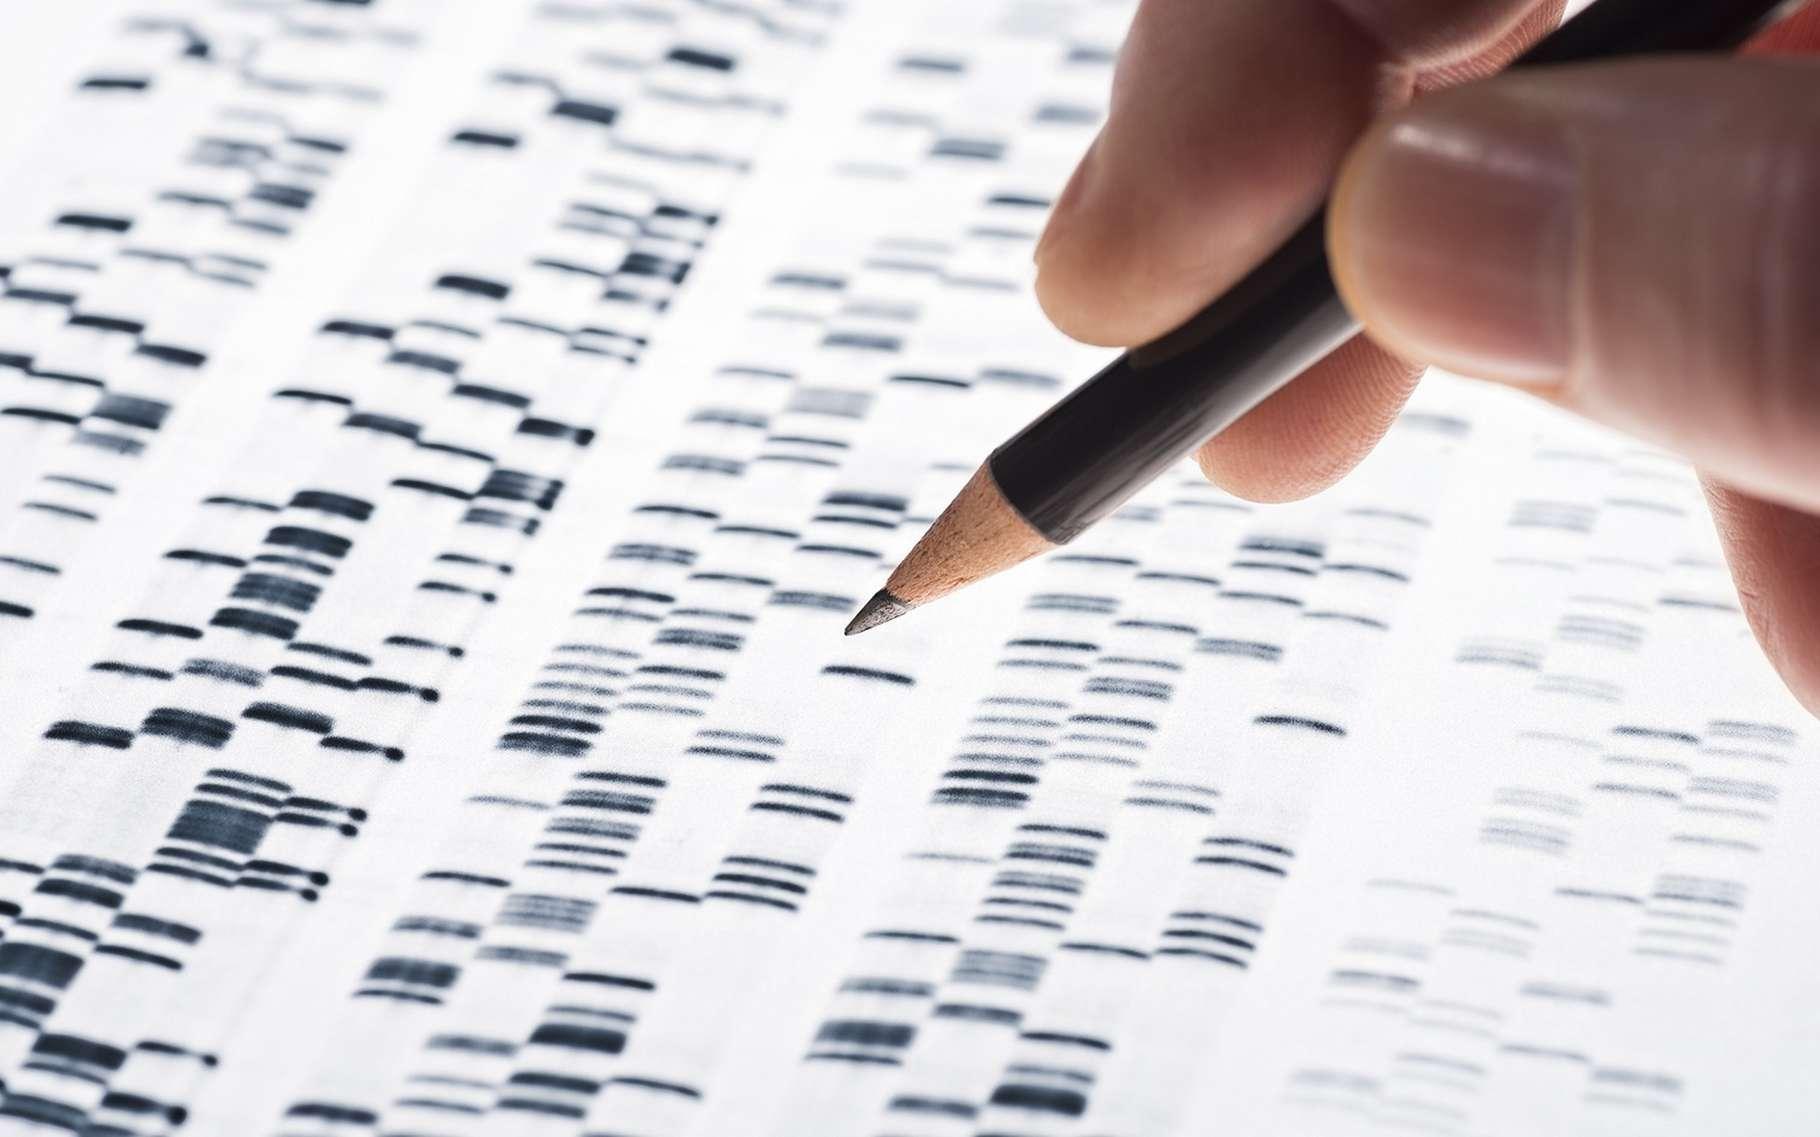 Le nouveau gène appelé asp est codé par le brin antisens du VIH-1. © gopixa, Shutterstock